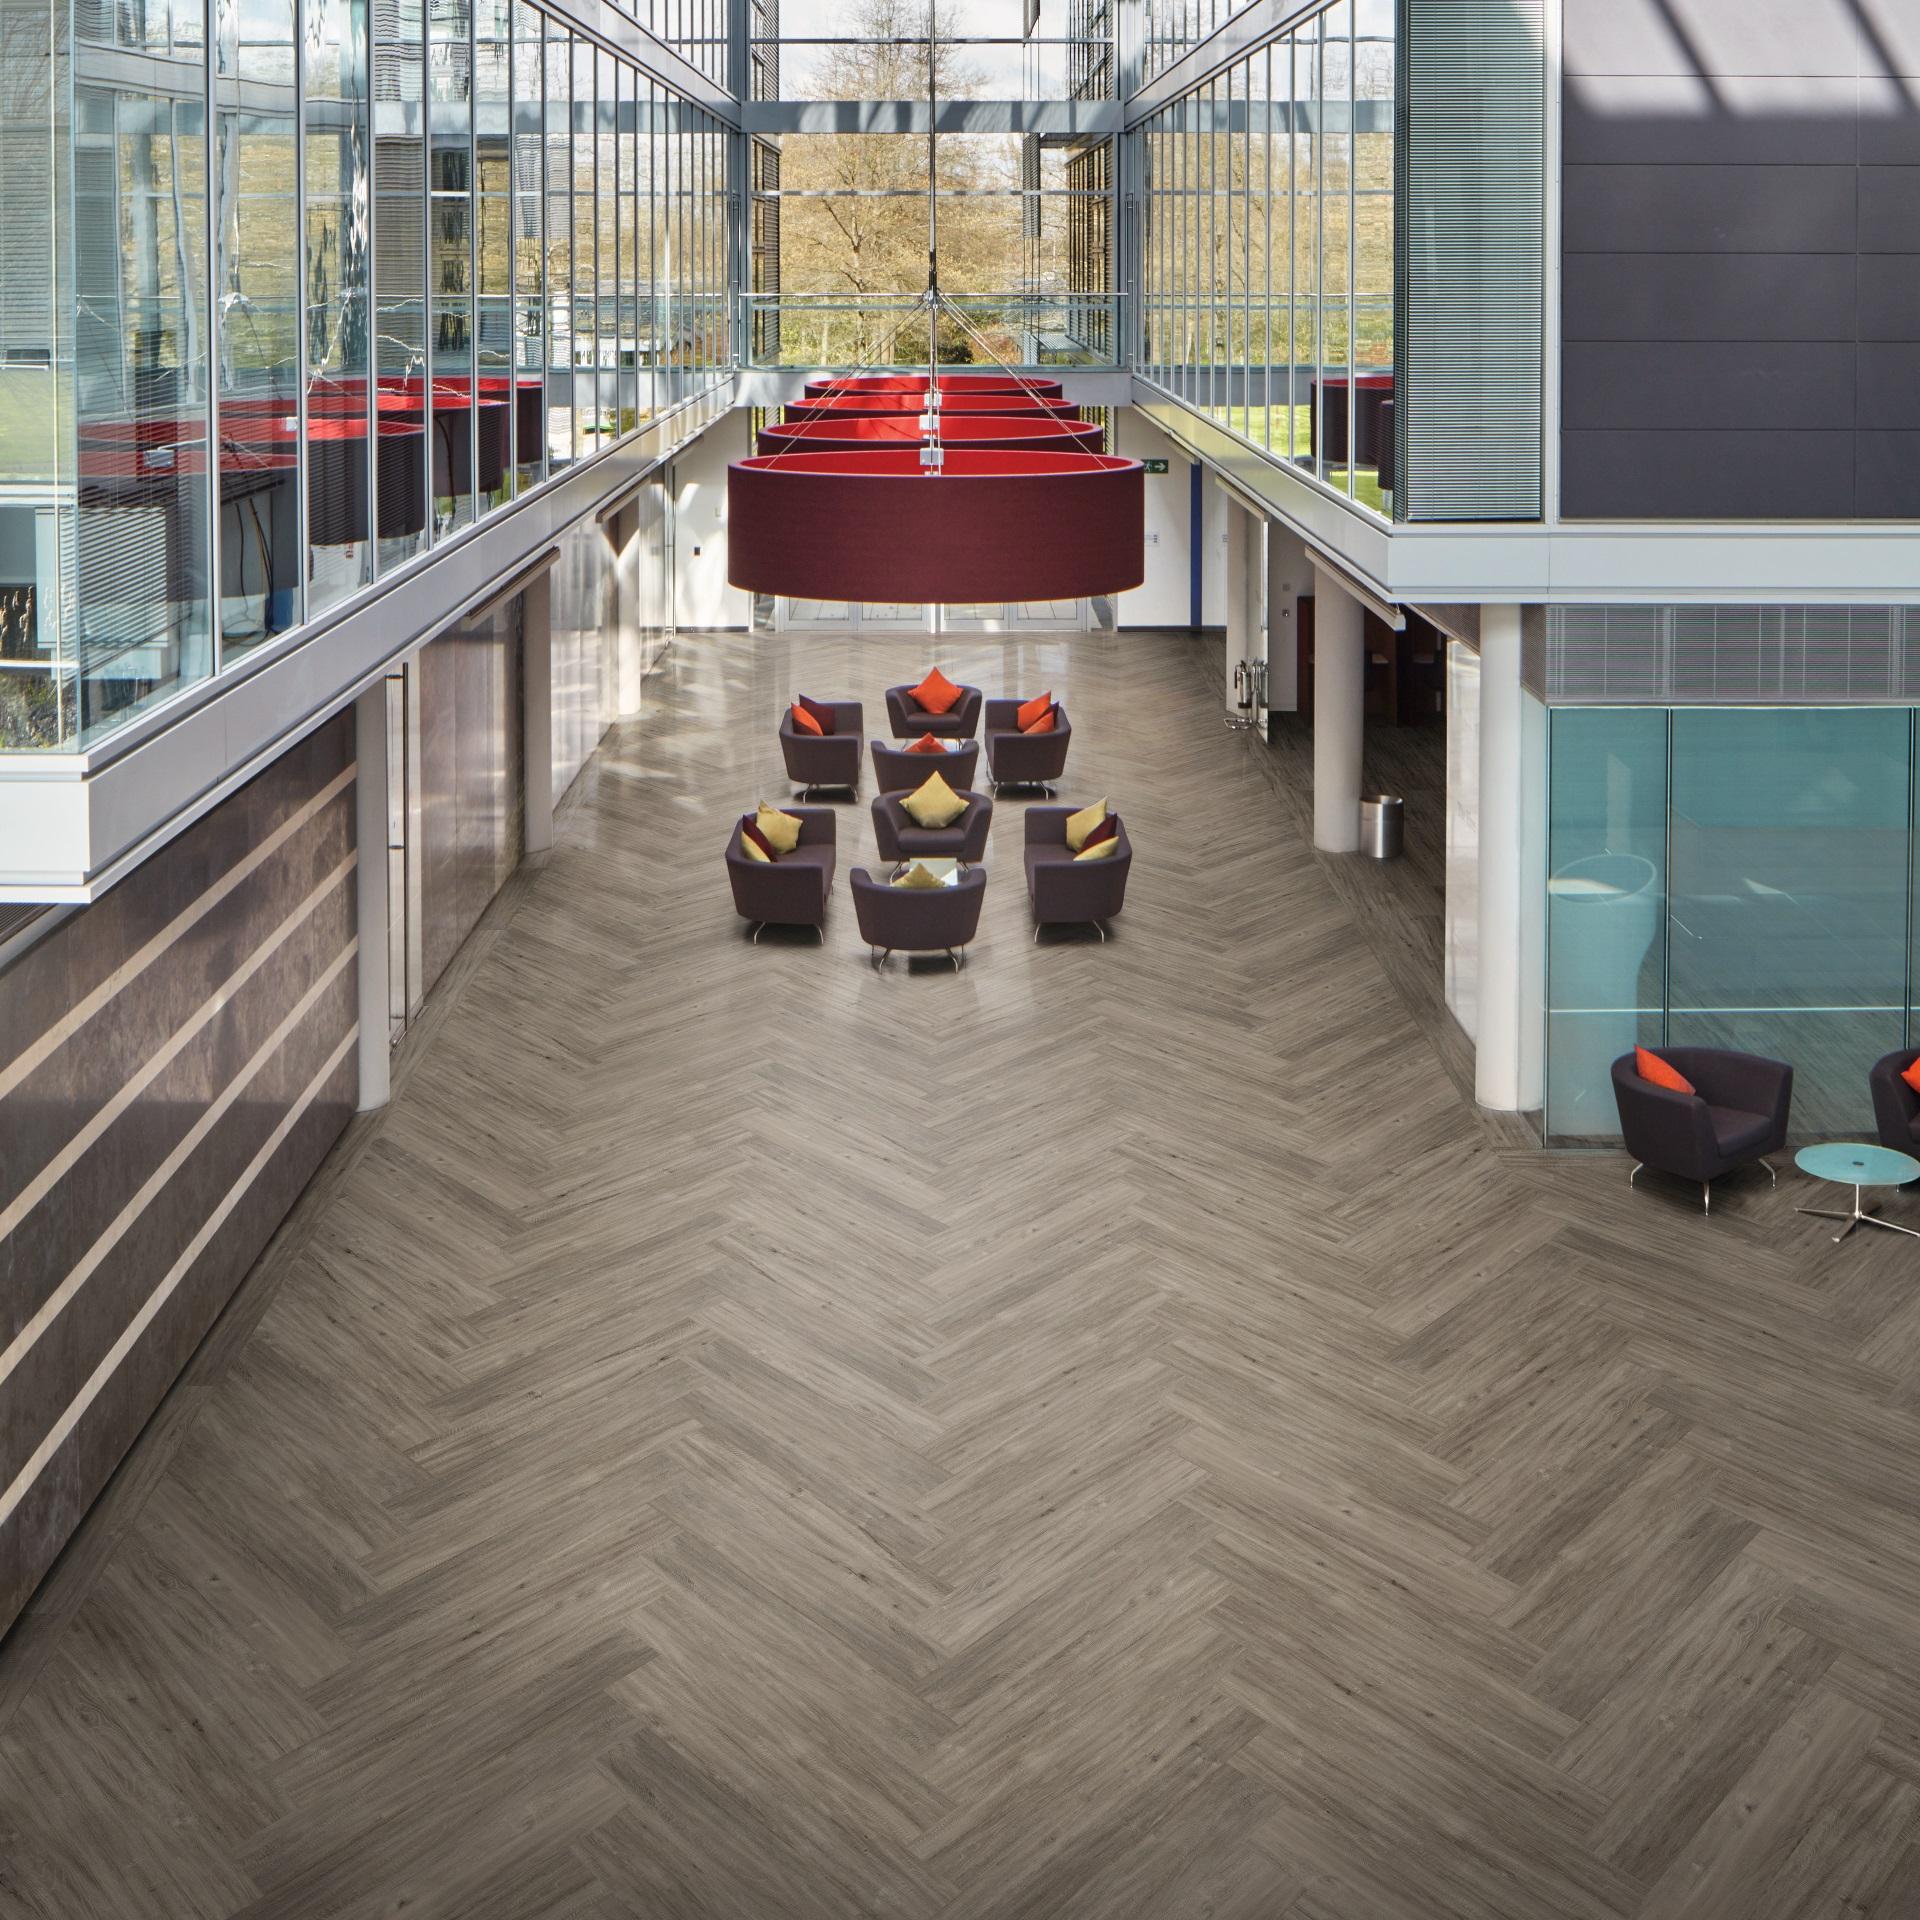 commercial flooring llp308 french grey oak office flooring - looselay longboard BZTKJRK